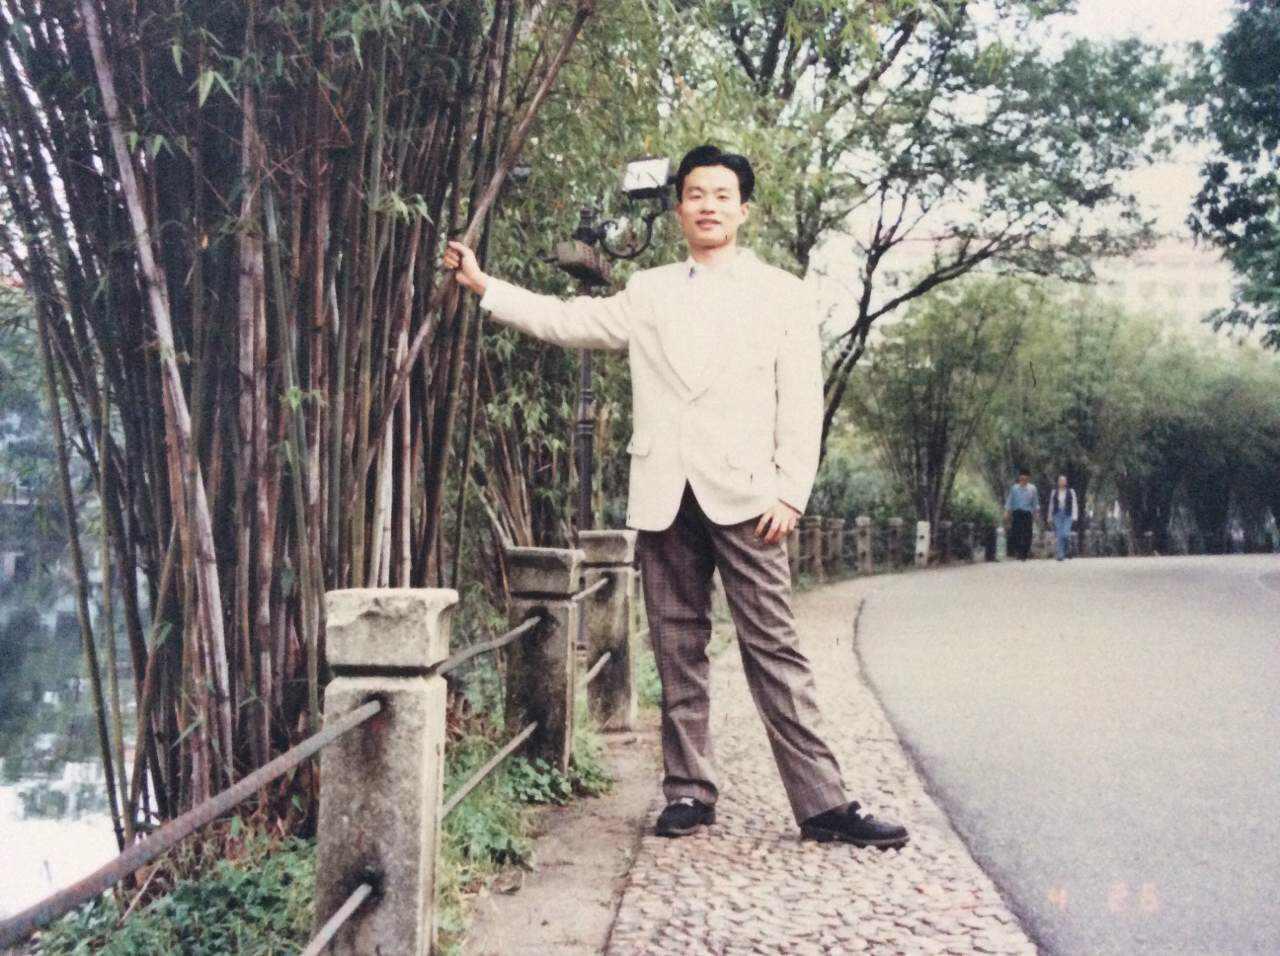 生死劫後 中共酷刑倖存者籲中國人了解真相